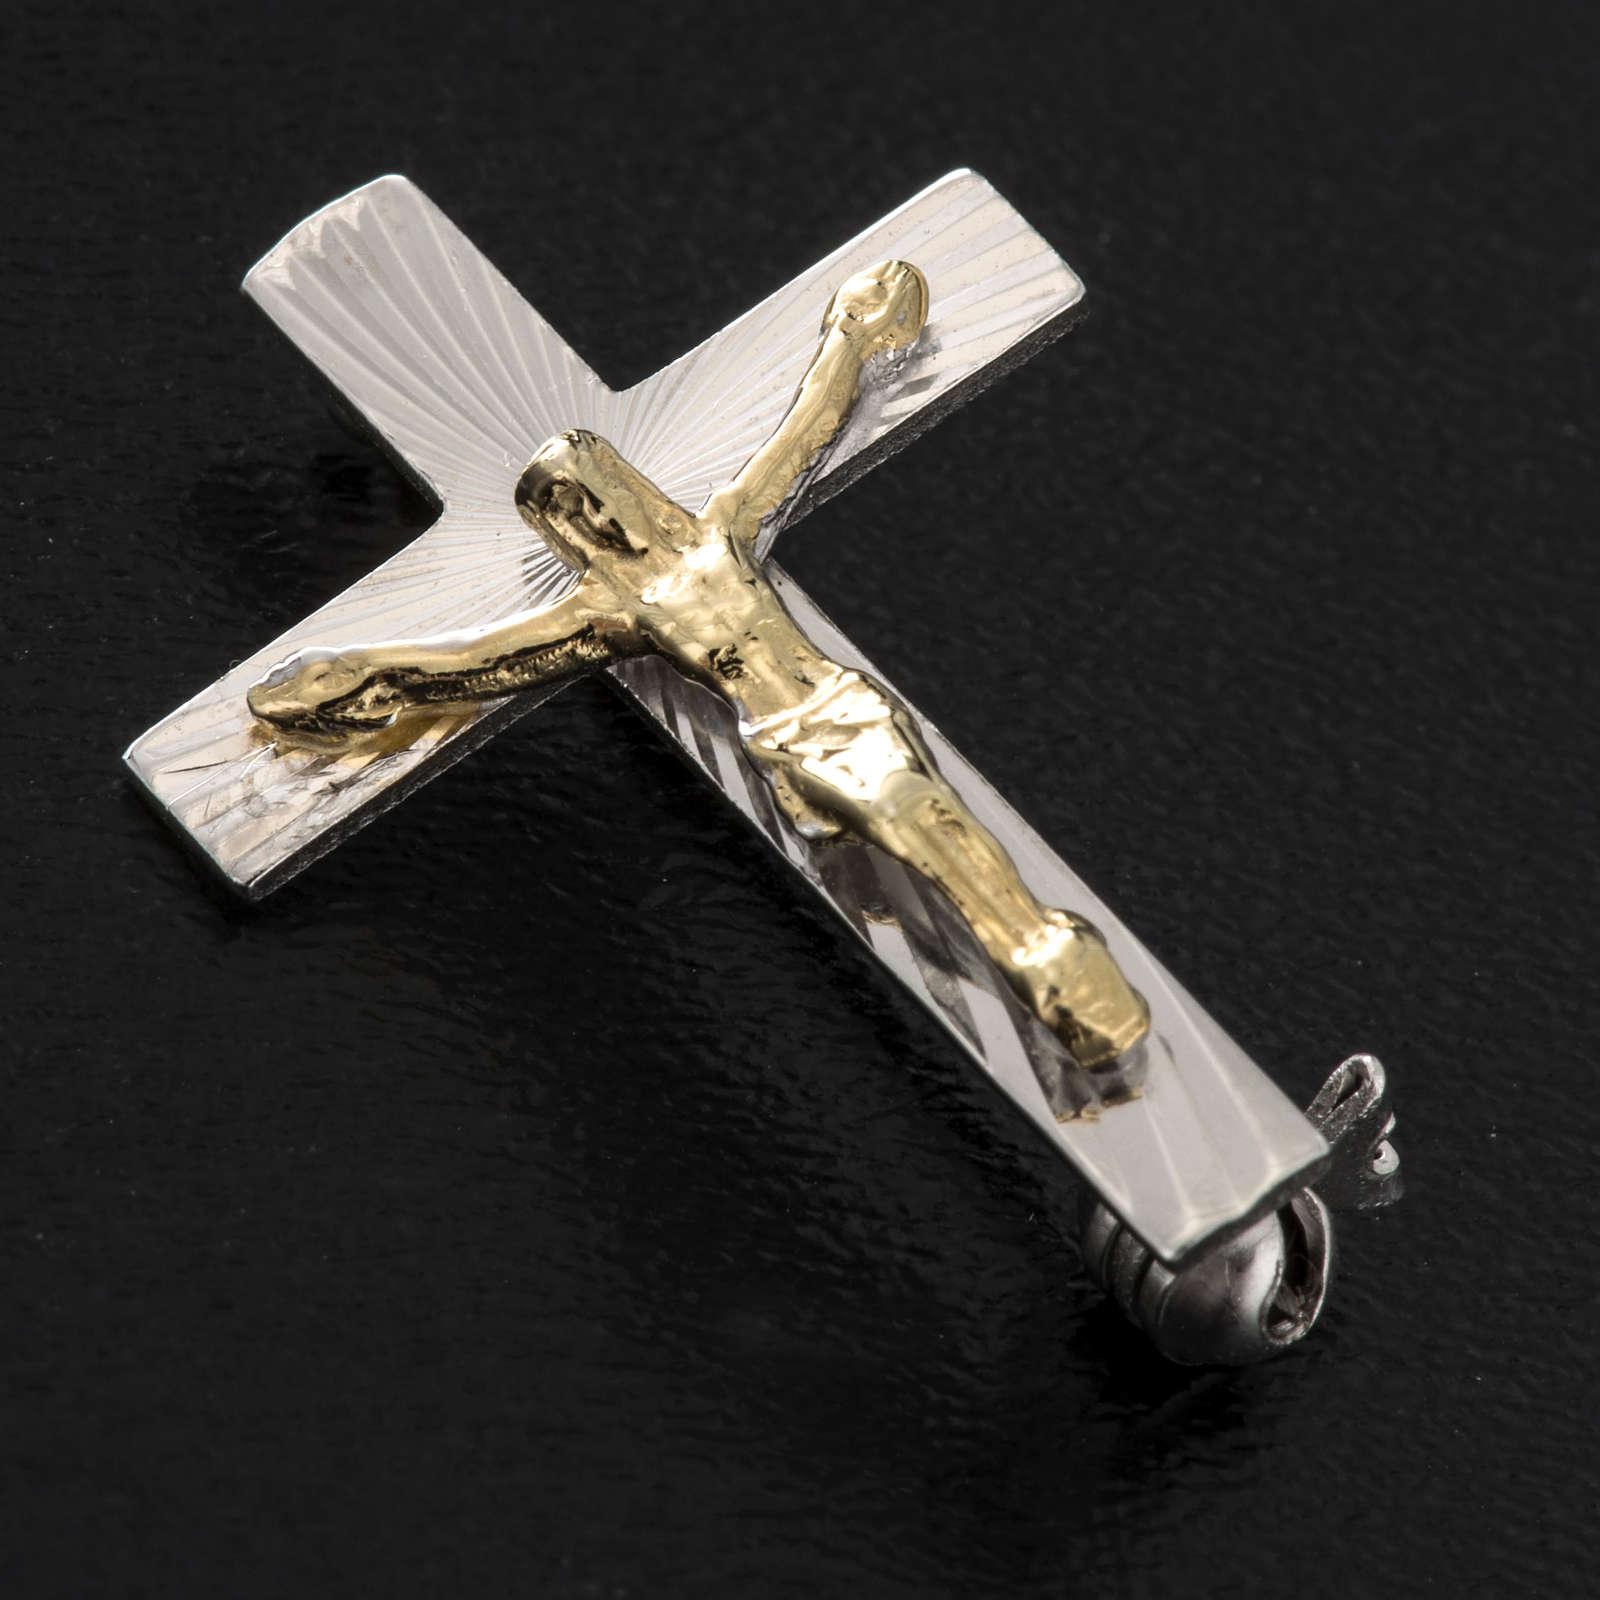 Cruz distintivo clero de plata 925,con 2,5cm de alto 4